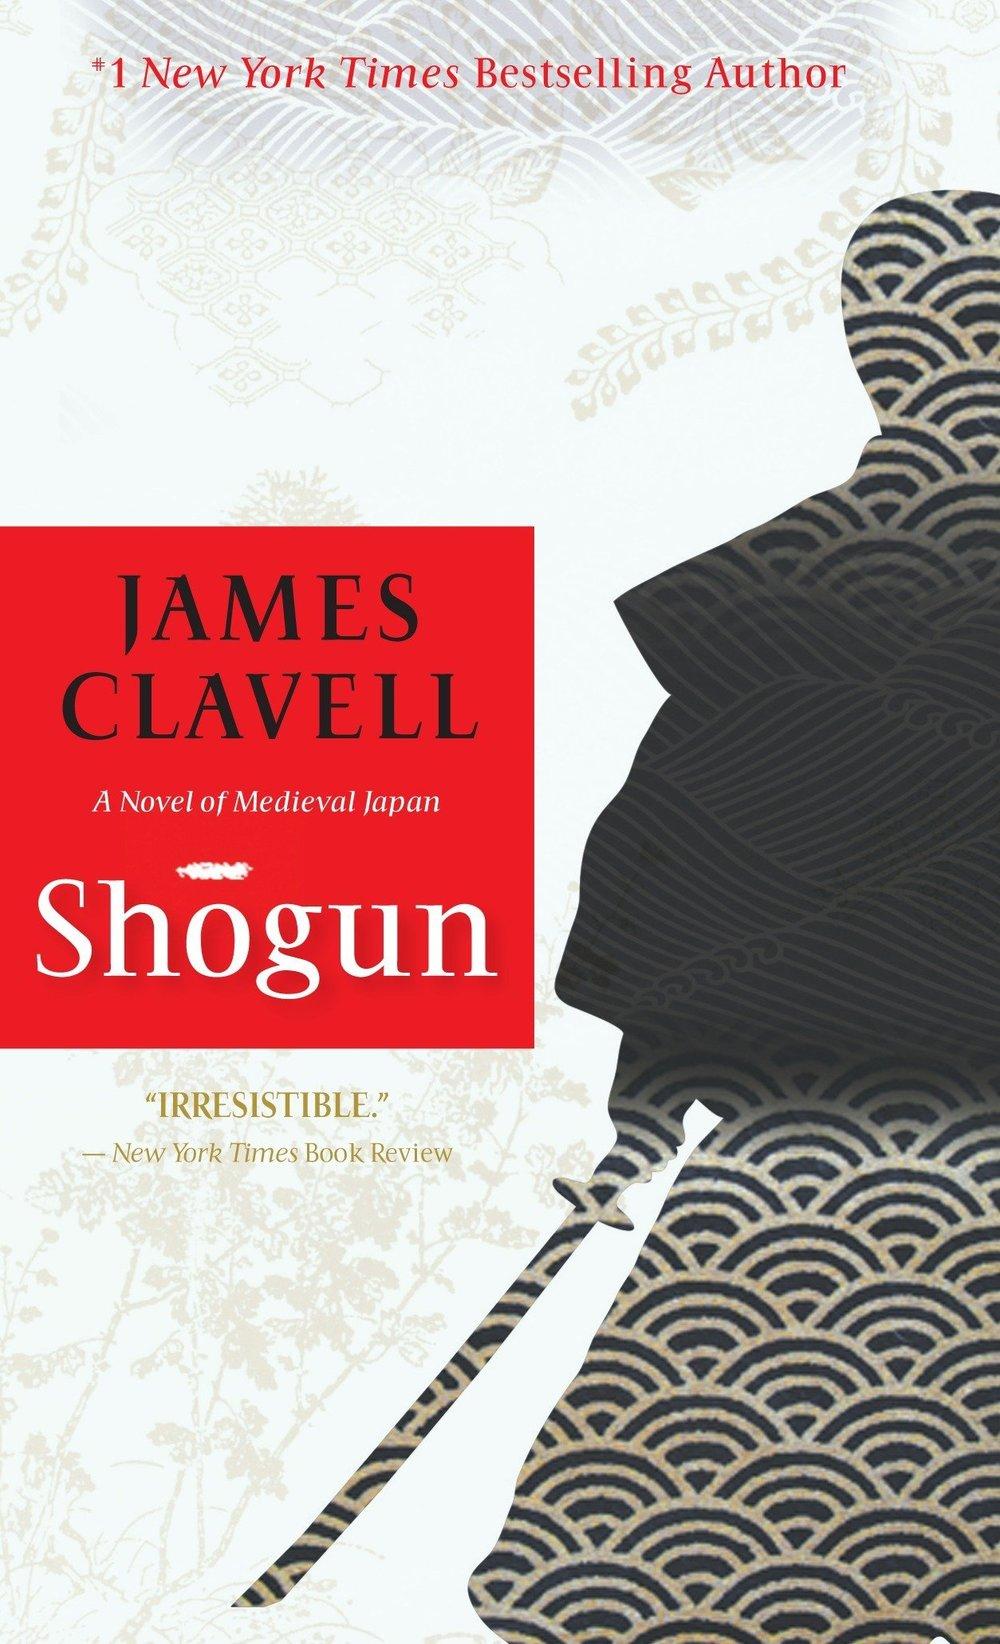 shogun by james clavell.jpg